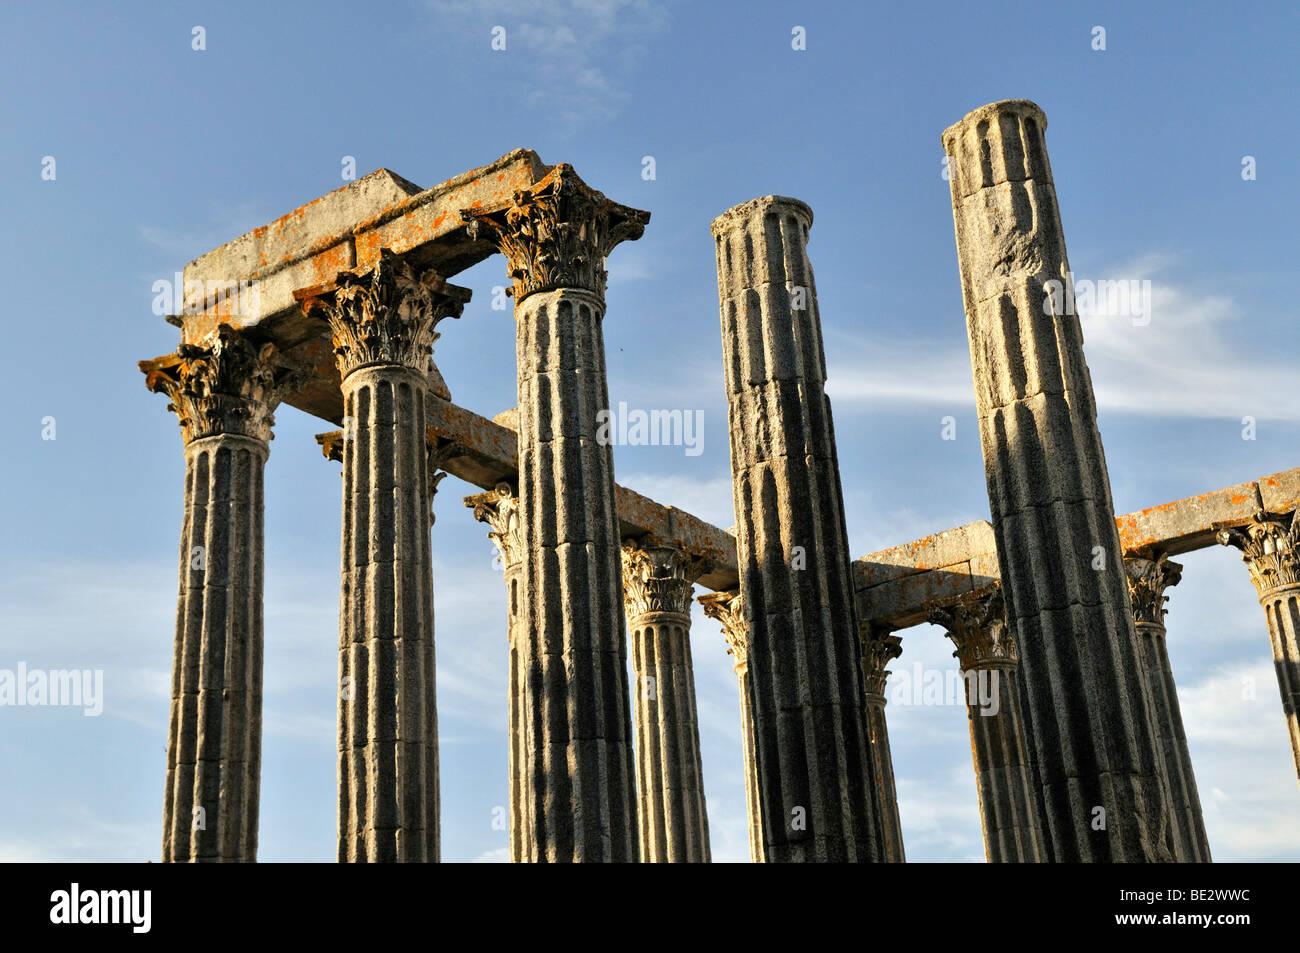 Roman Temple of Diana in Evora, UNESCO World Heritage Site, Alentejo, Portugal, Europe Stock Photo